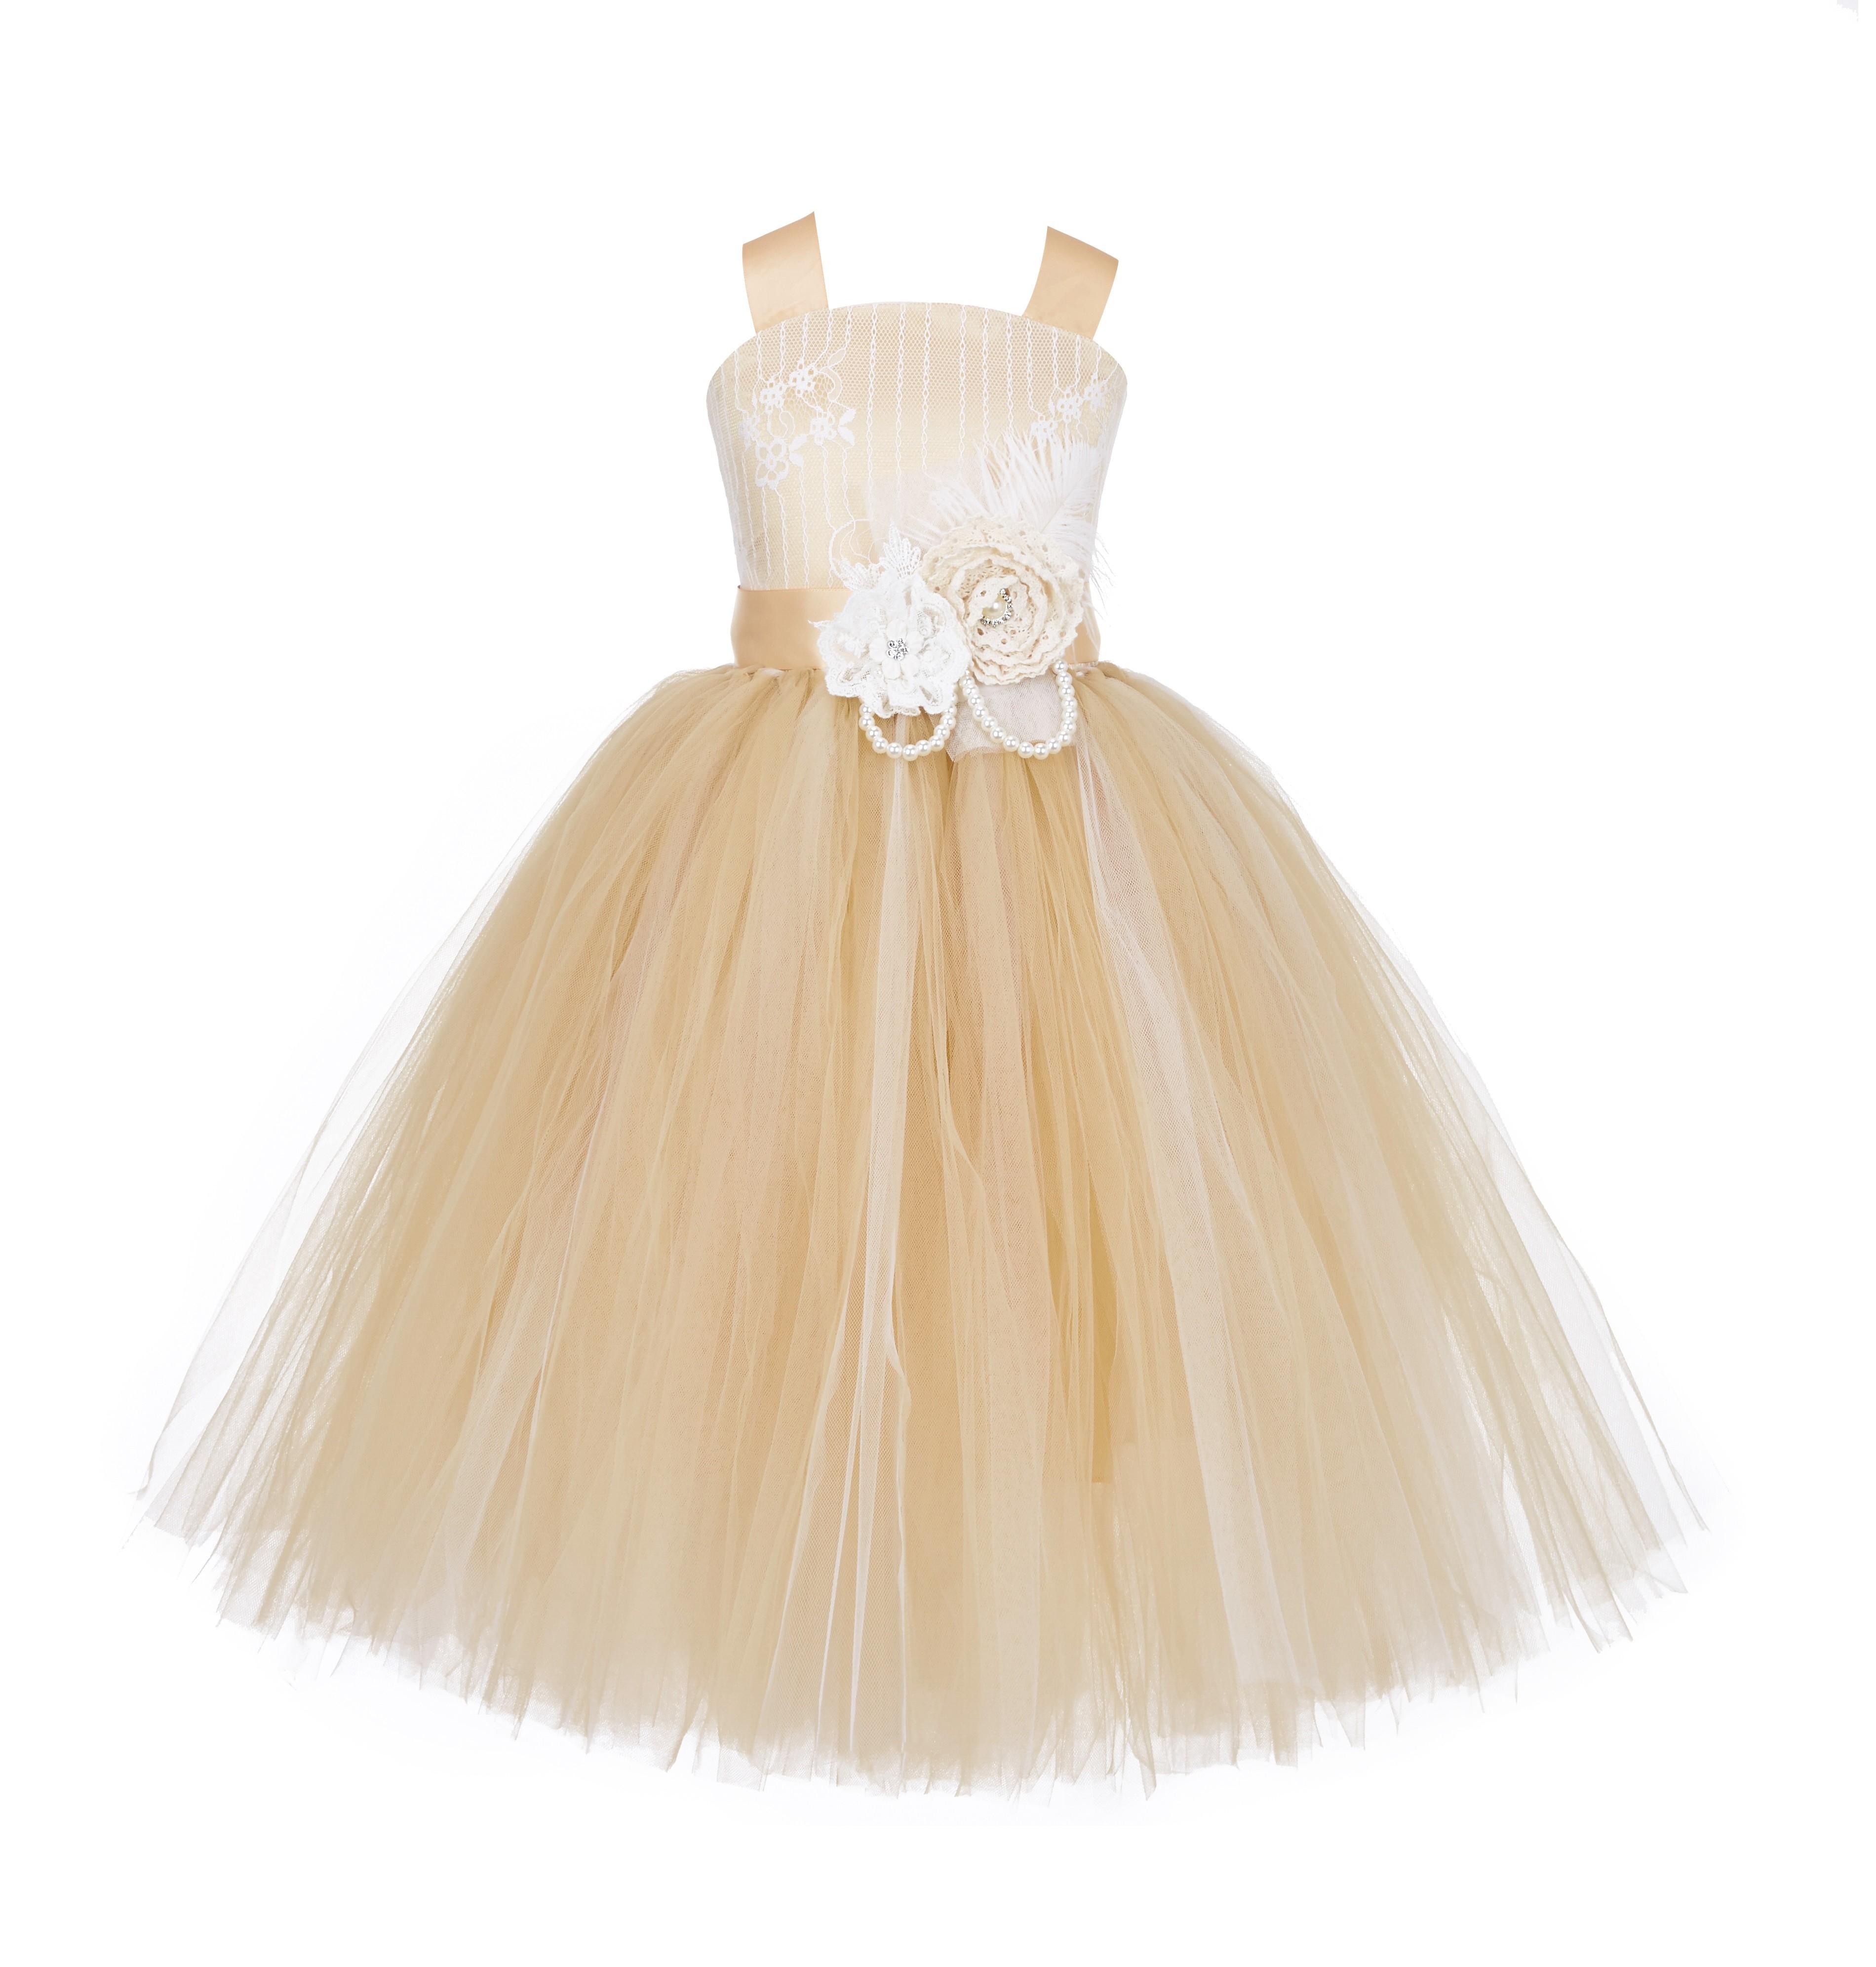 Gold Tutu Criss-Cross Back Lace Tulle Flower Girl Dress 119